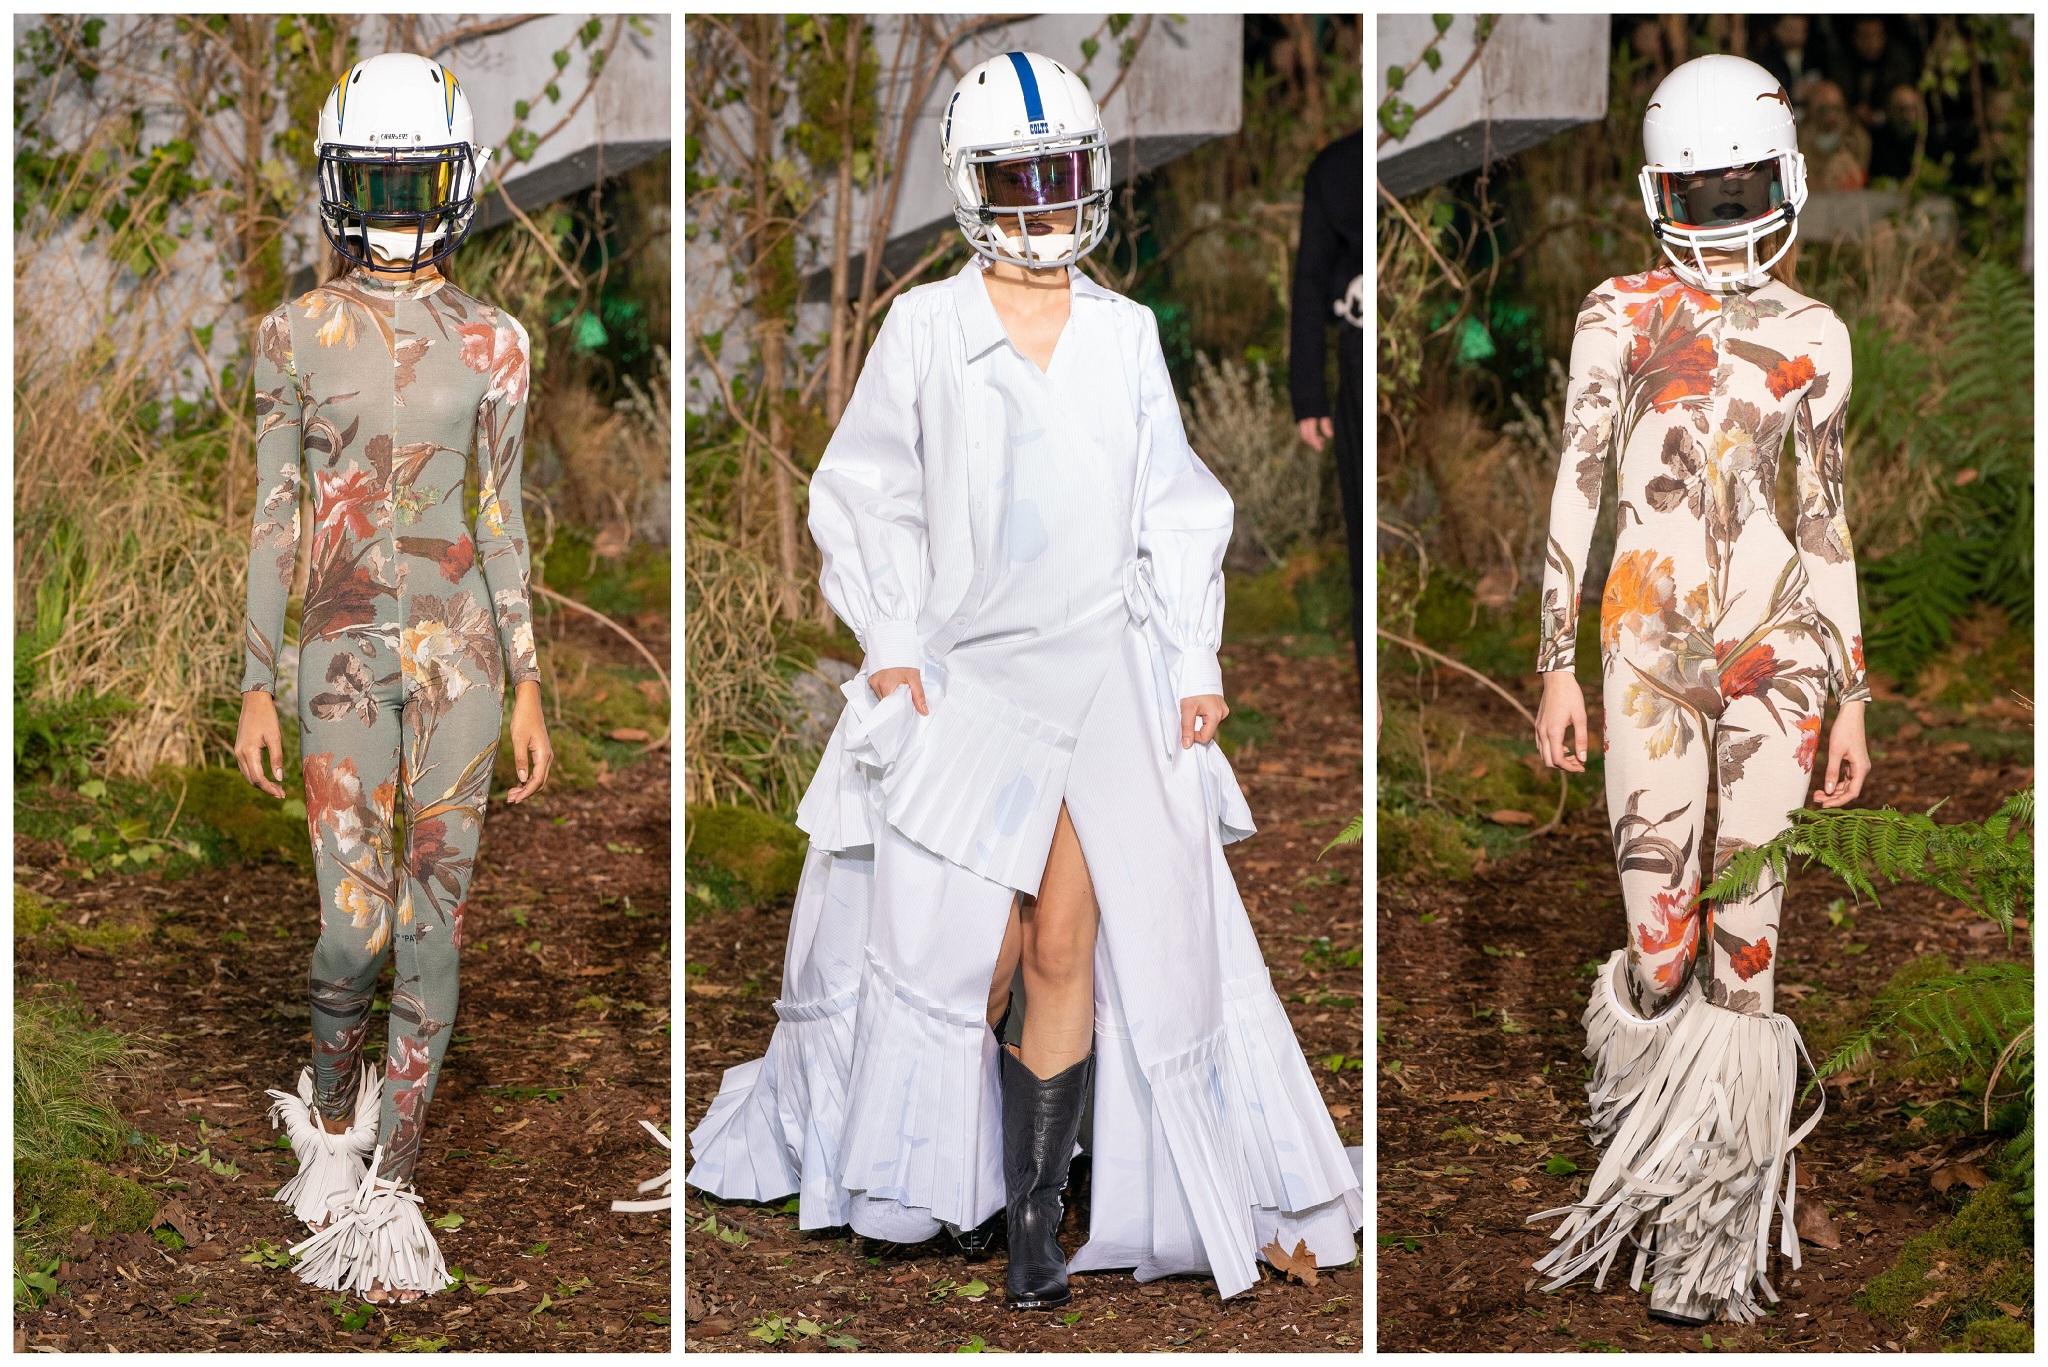 Louis Vuitton fw19 men's Off-White